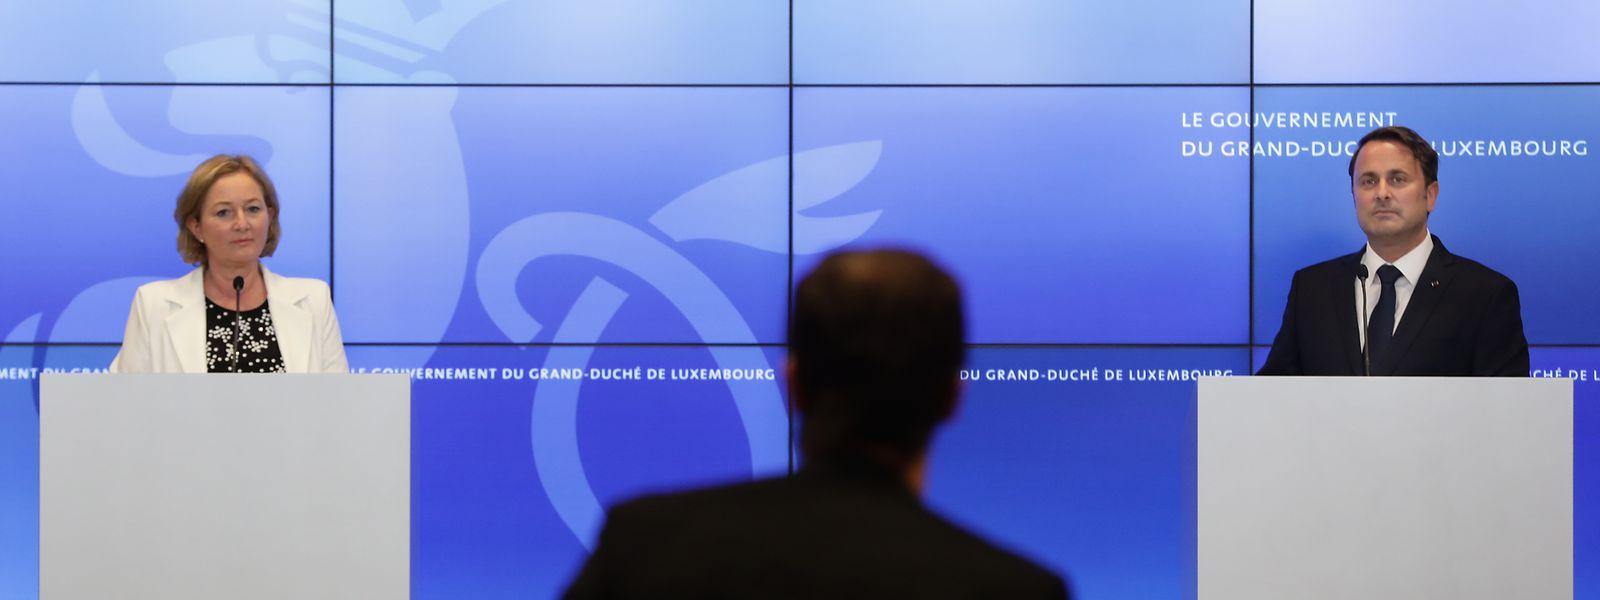 Xavier Bettel und Paulette Lenert traten nach der Ministerratssitzung gemeinsam vor die Öffentlichkeit.